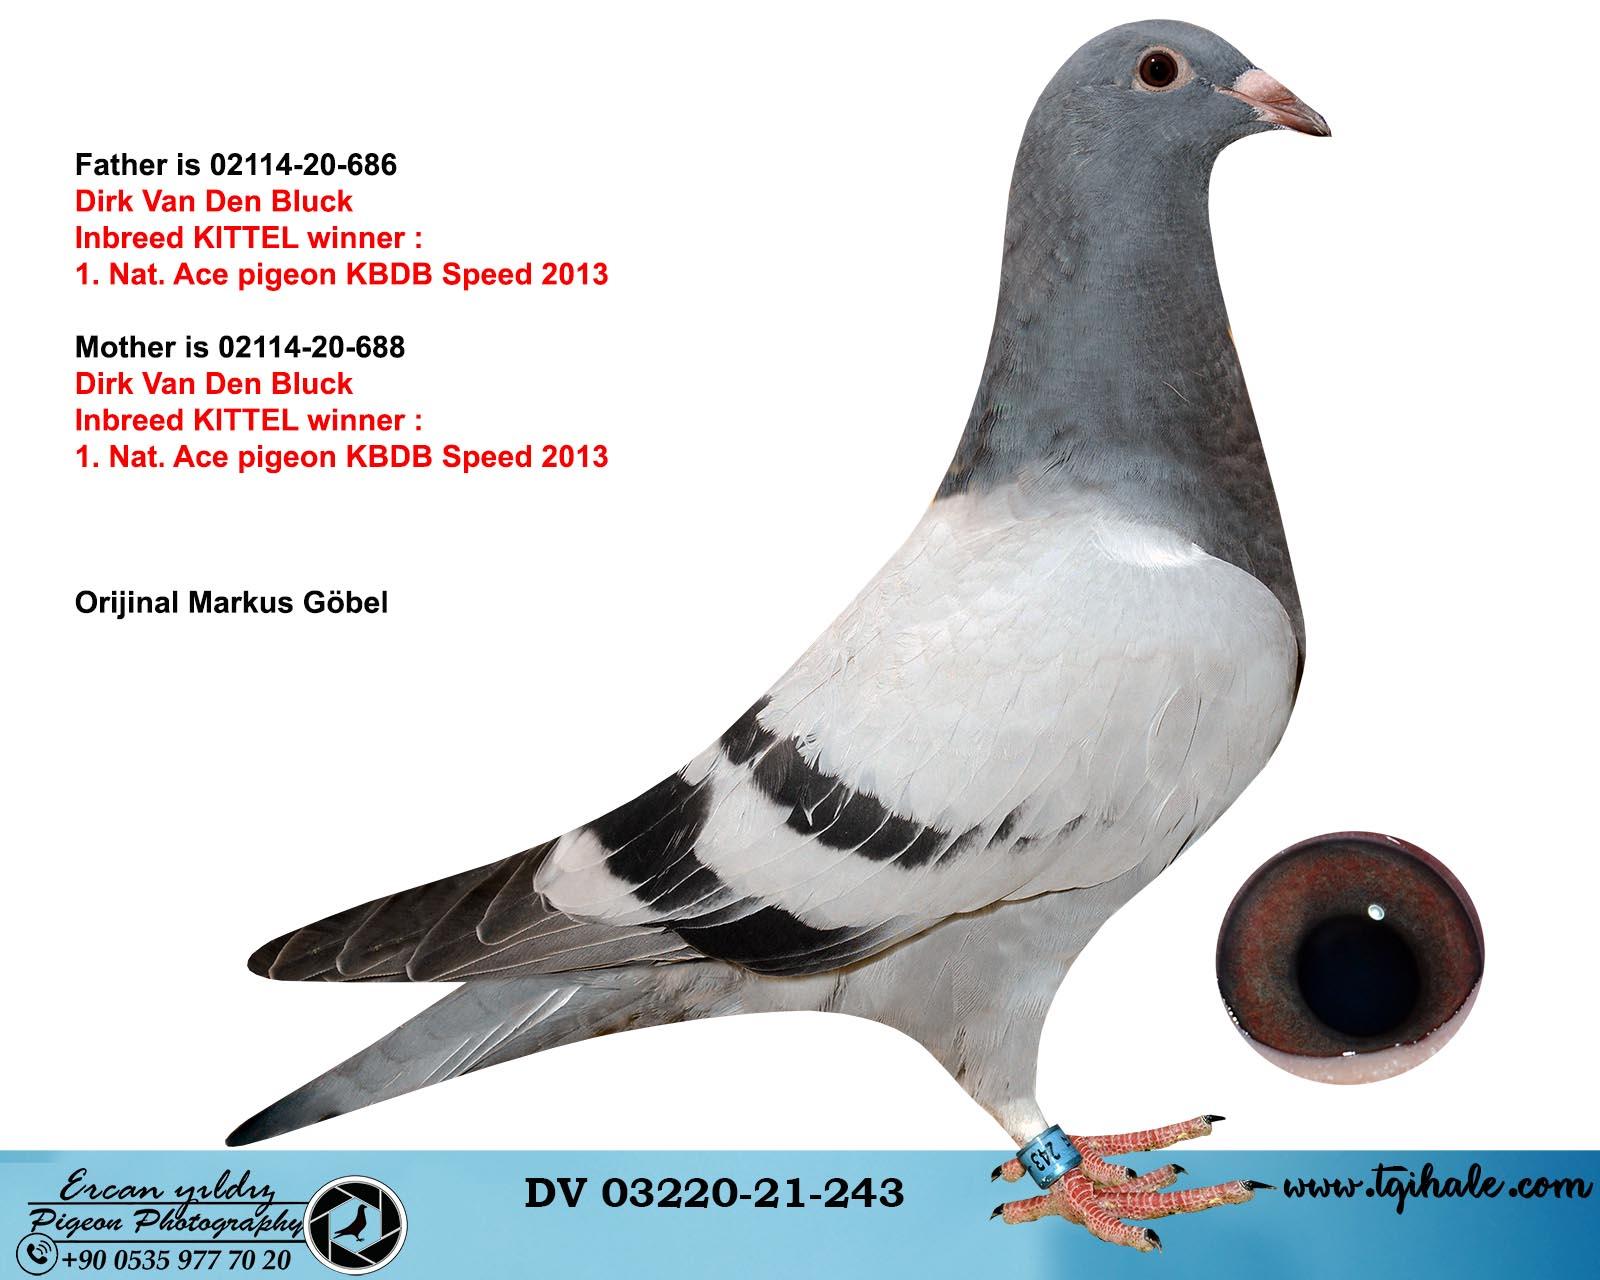 DV03220-21-243 / INBREED KITTEL !!!